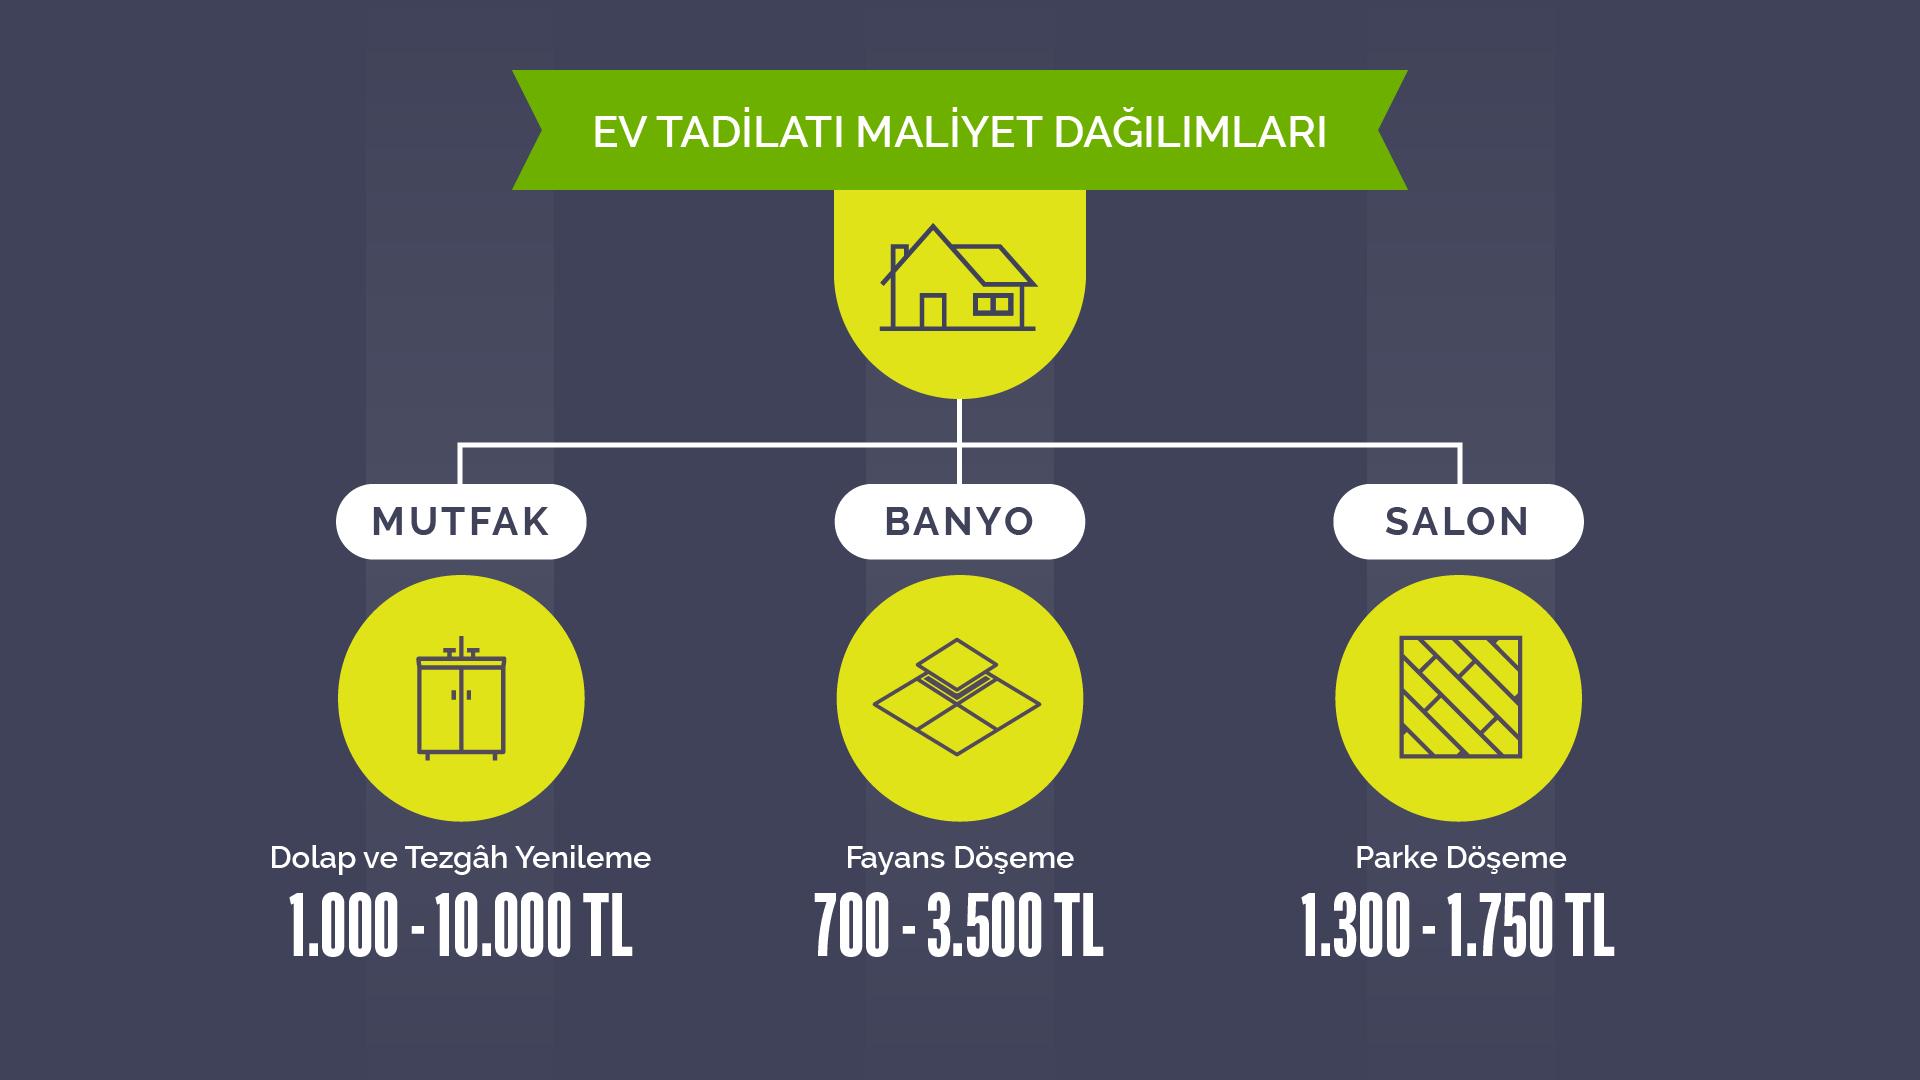 Türkiye'de ev tadilatı maliyet dağılımları